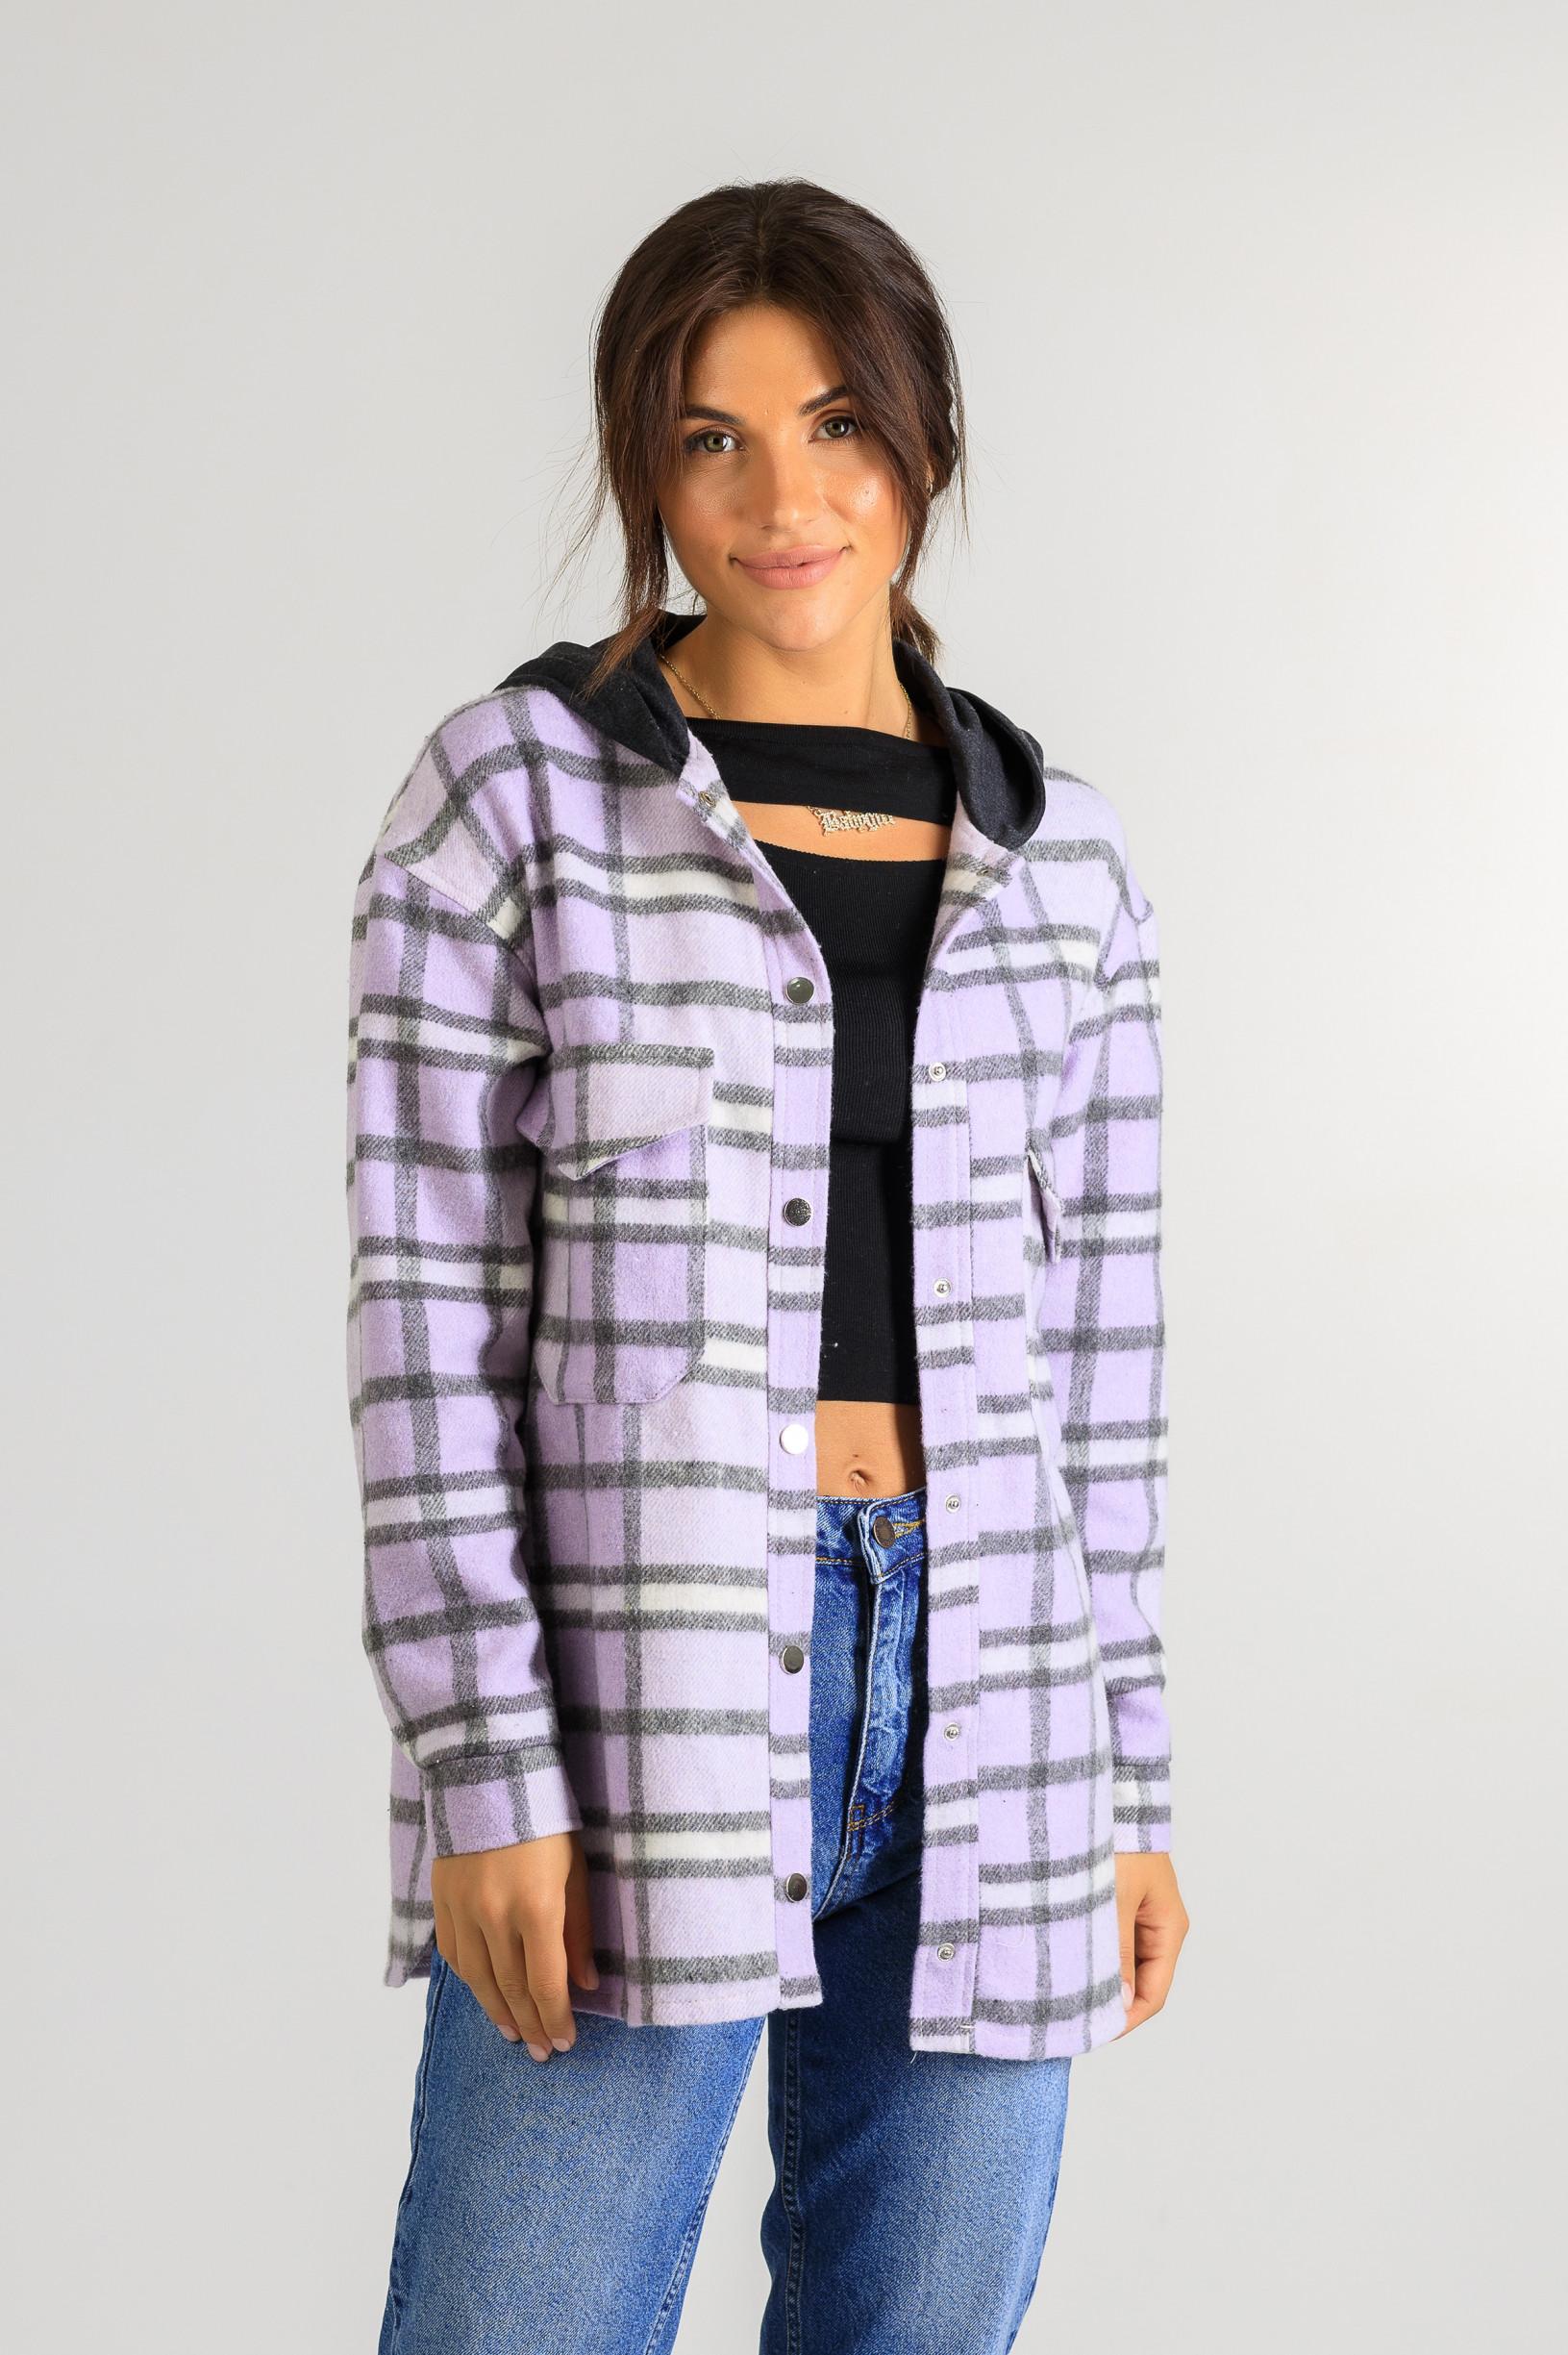 Кардиган-рубаха с капюшоном в клетку Р951 фиолетовый